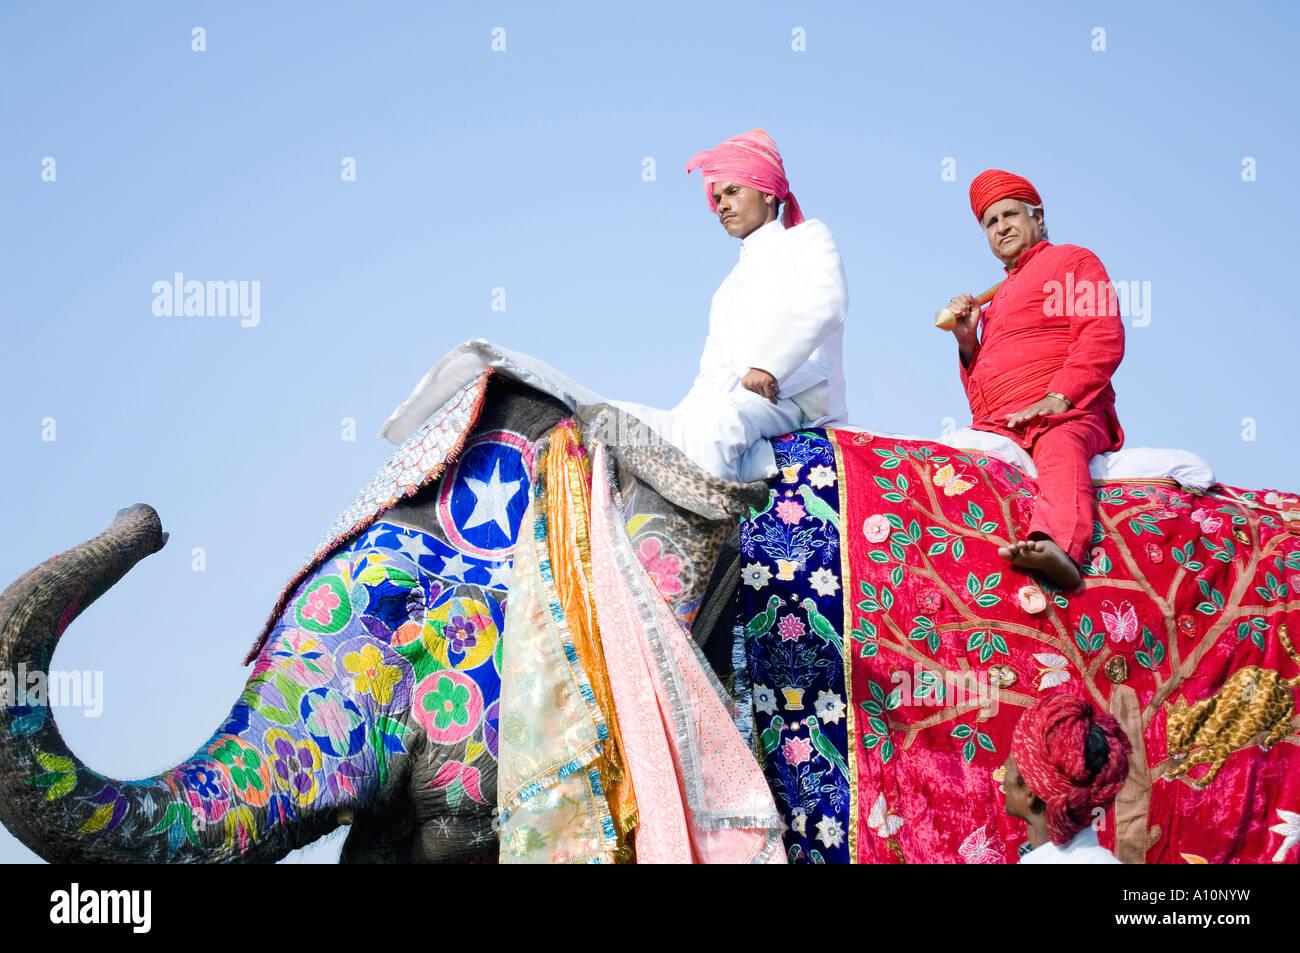 Basso angolo di visione di un giovane e un anziano uomo che cavalca un elefante, elefante Festival, Jaipur, Rajasthan, Immagini Stock